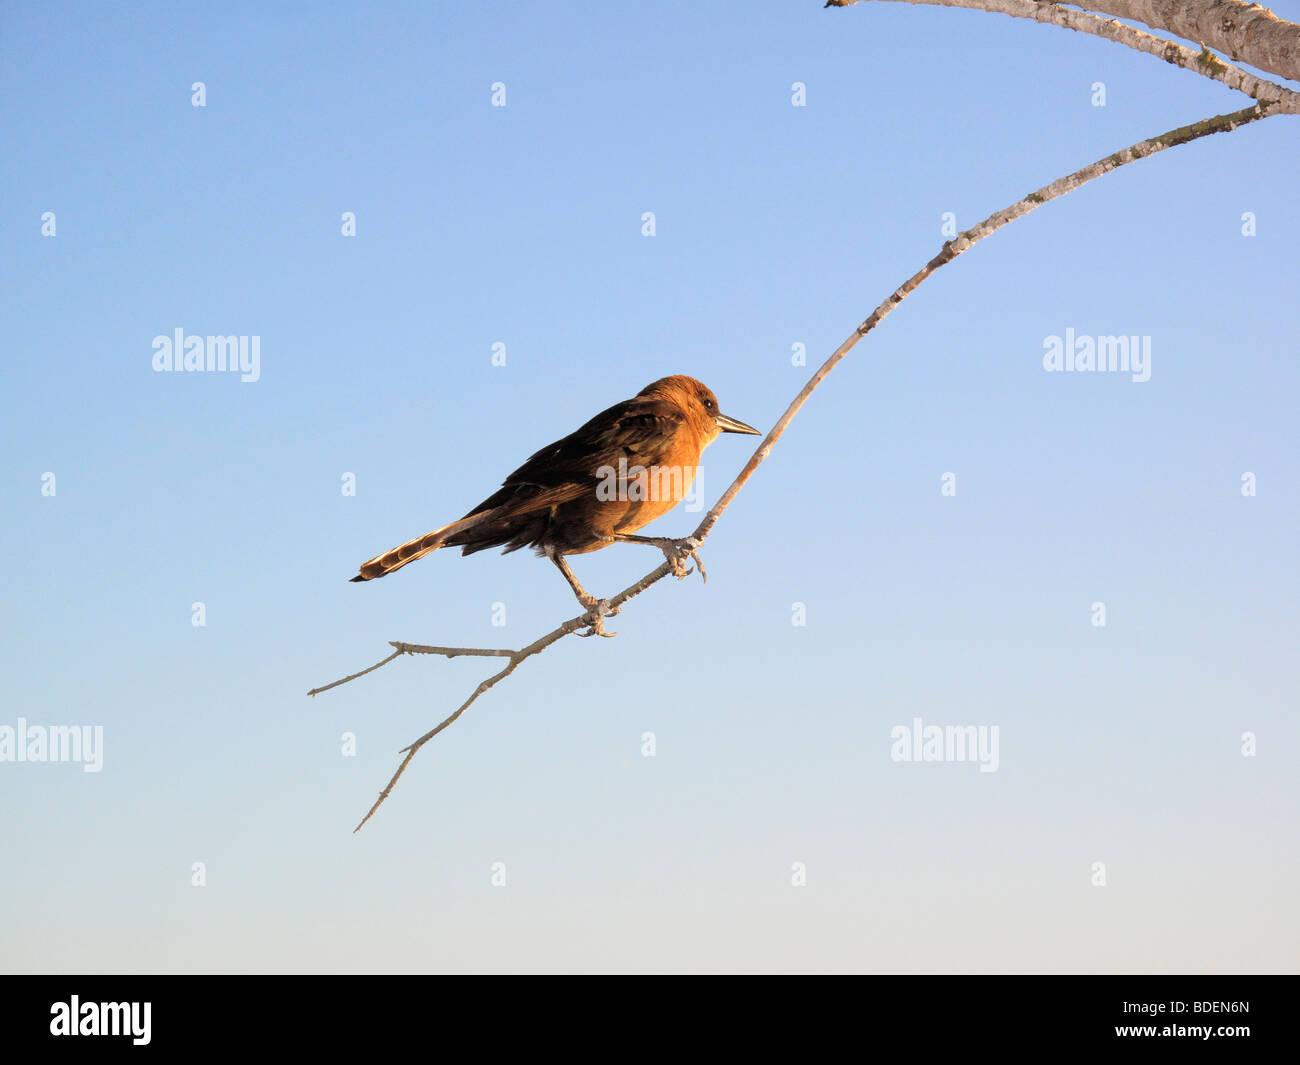 a Brewer's Blackbird bird on a branch in Florida, USA - Stock Image